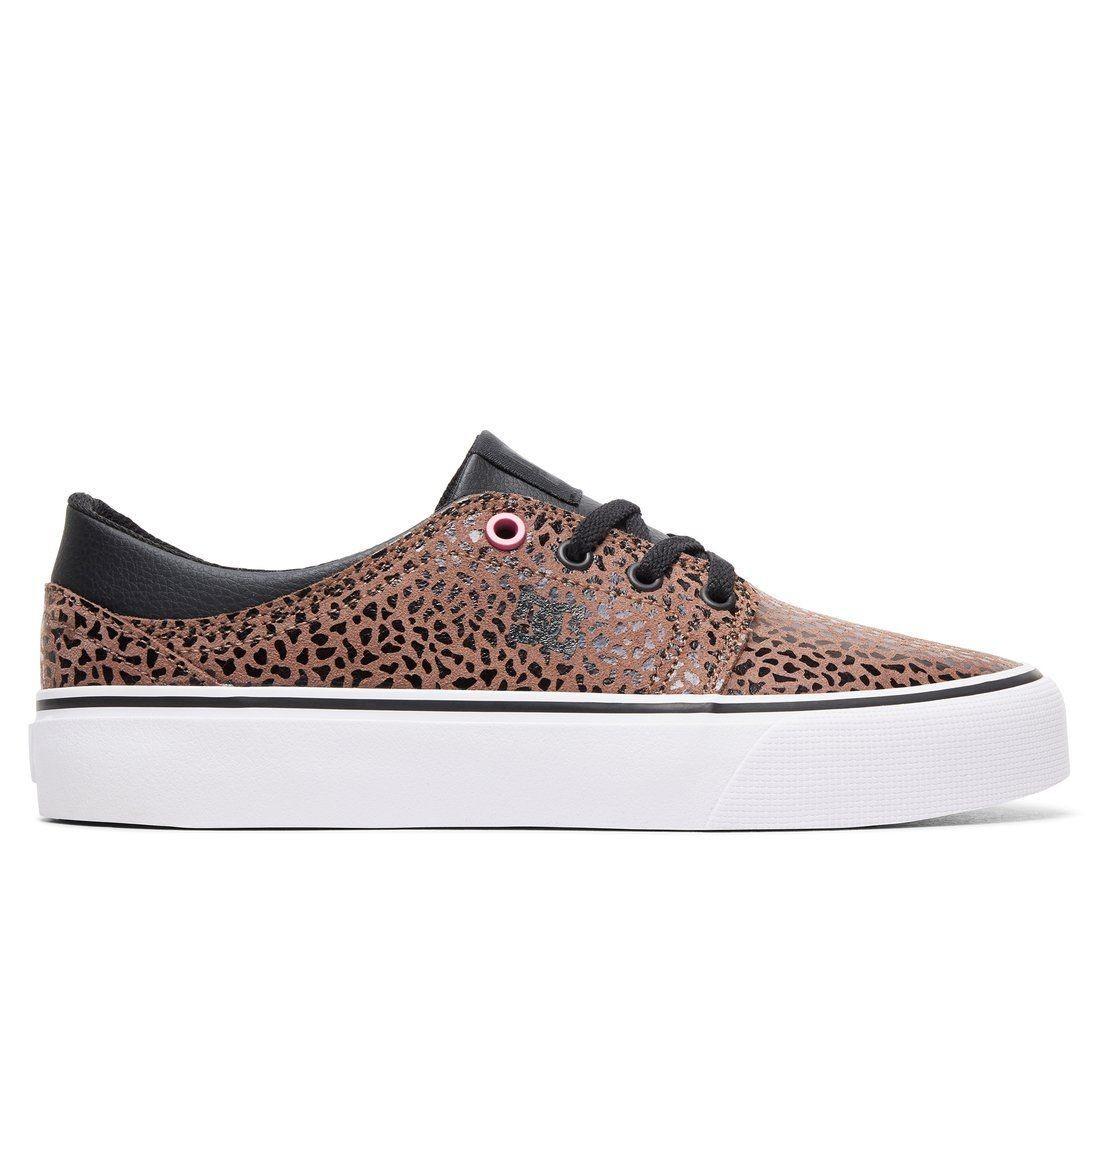 ad36c366 14 zapatillas para mujer rebajadas en eBay para comenzar el otoño: DC  Shoes, Nike, Lois, Desigual, Hakimono, Mustang.